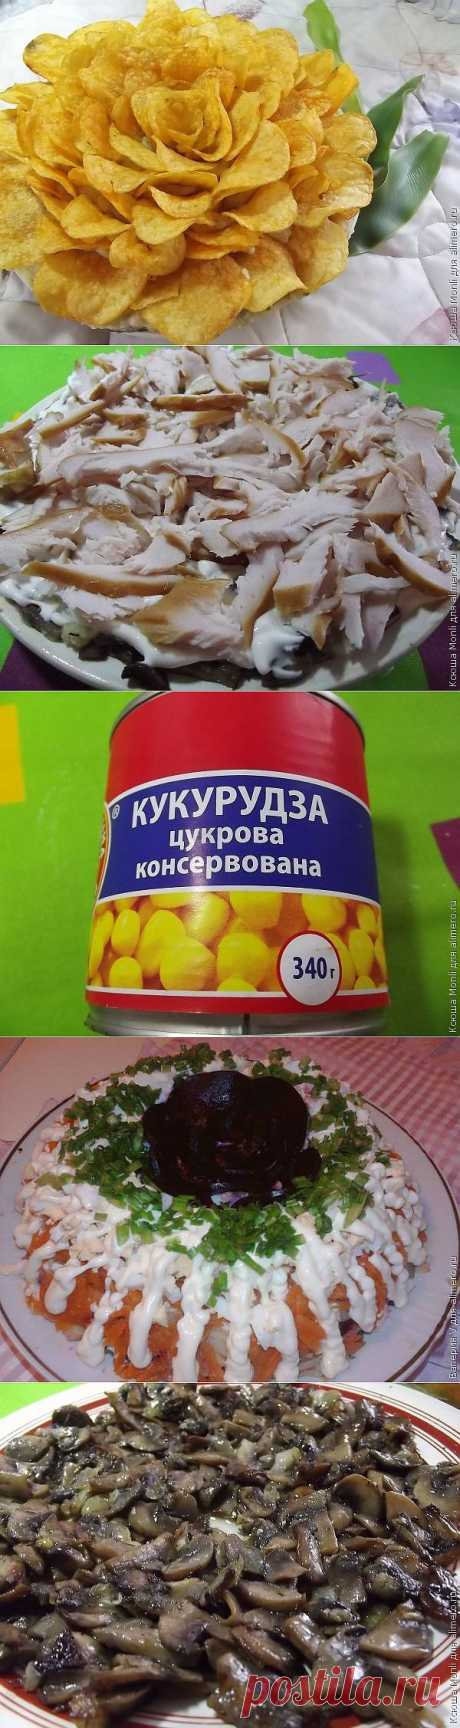 Салат Роза / Рецепты с фото